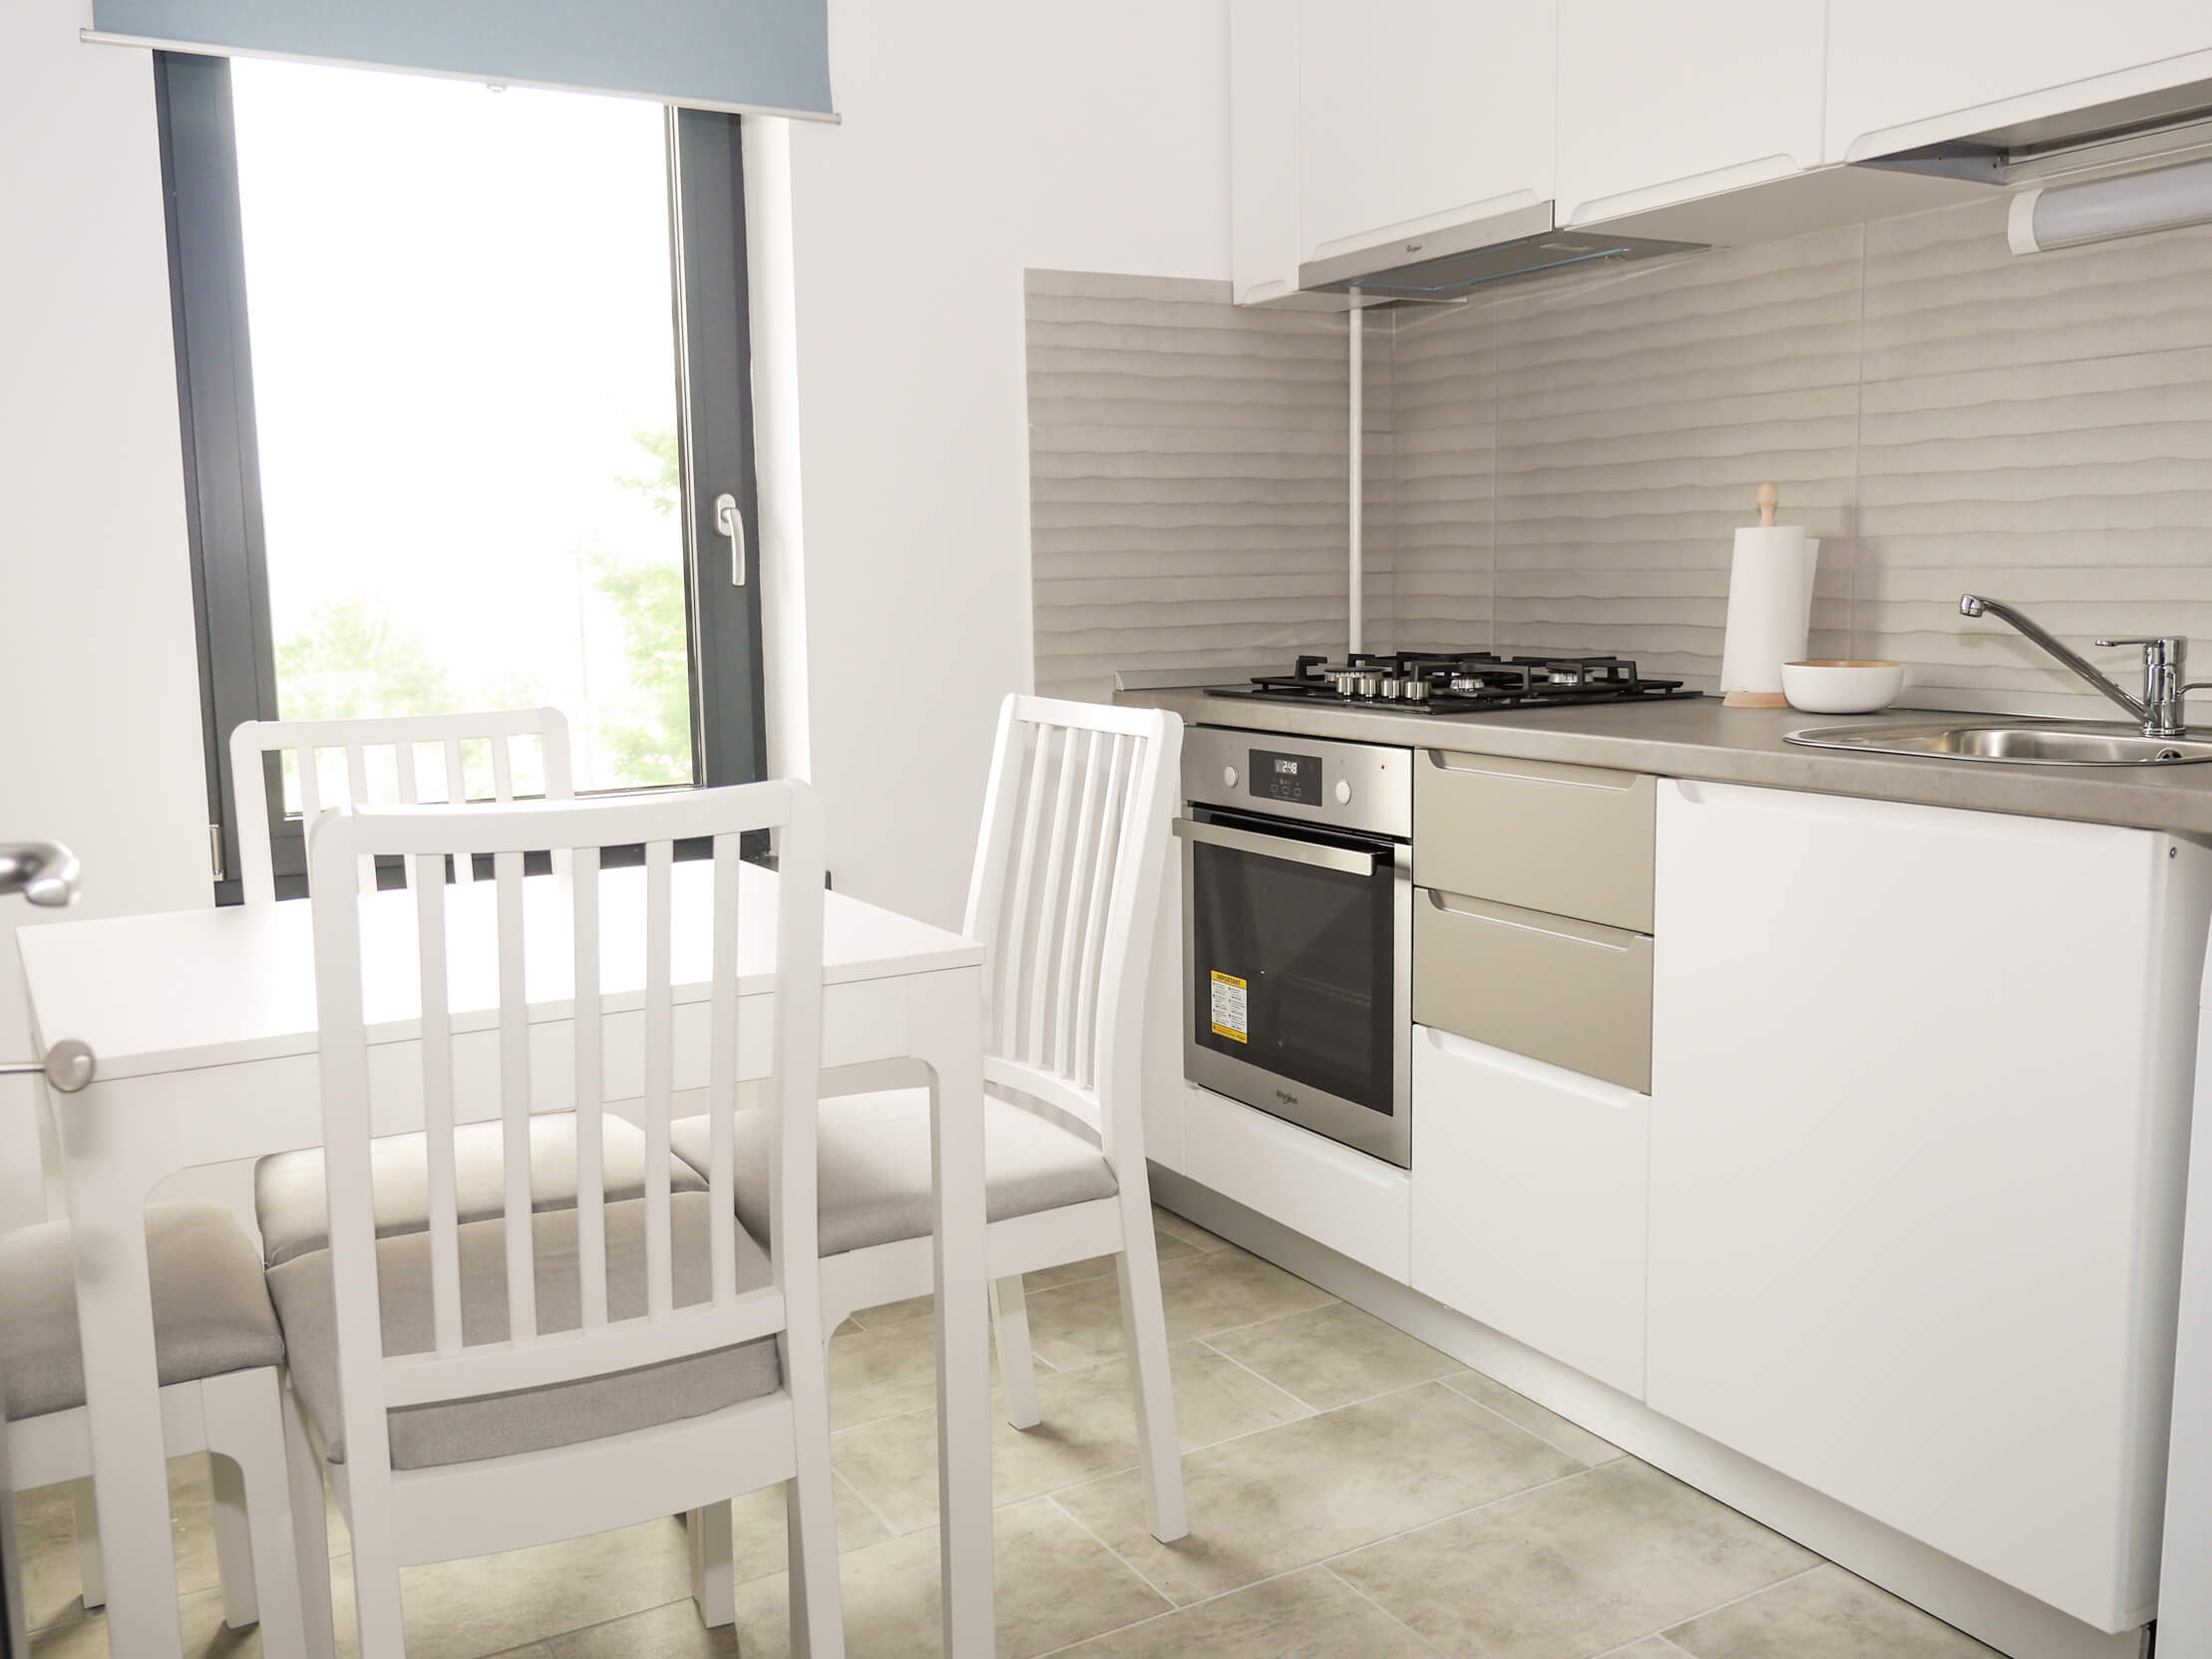 Clement Apartments - apartamente de inchiriat in regim hotelier - cazare neamt - cazare piatra neamt - apartament 8 (7)